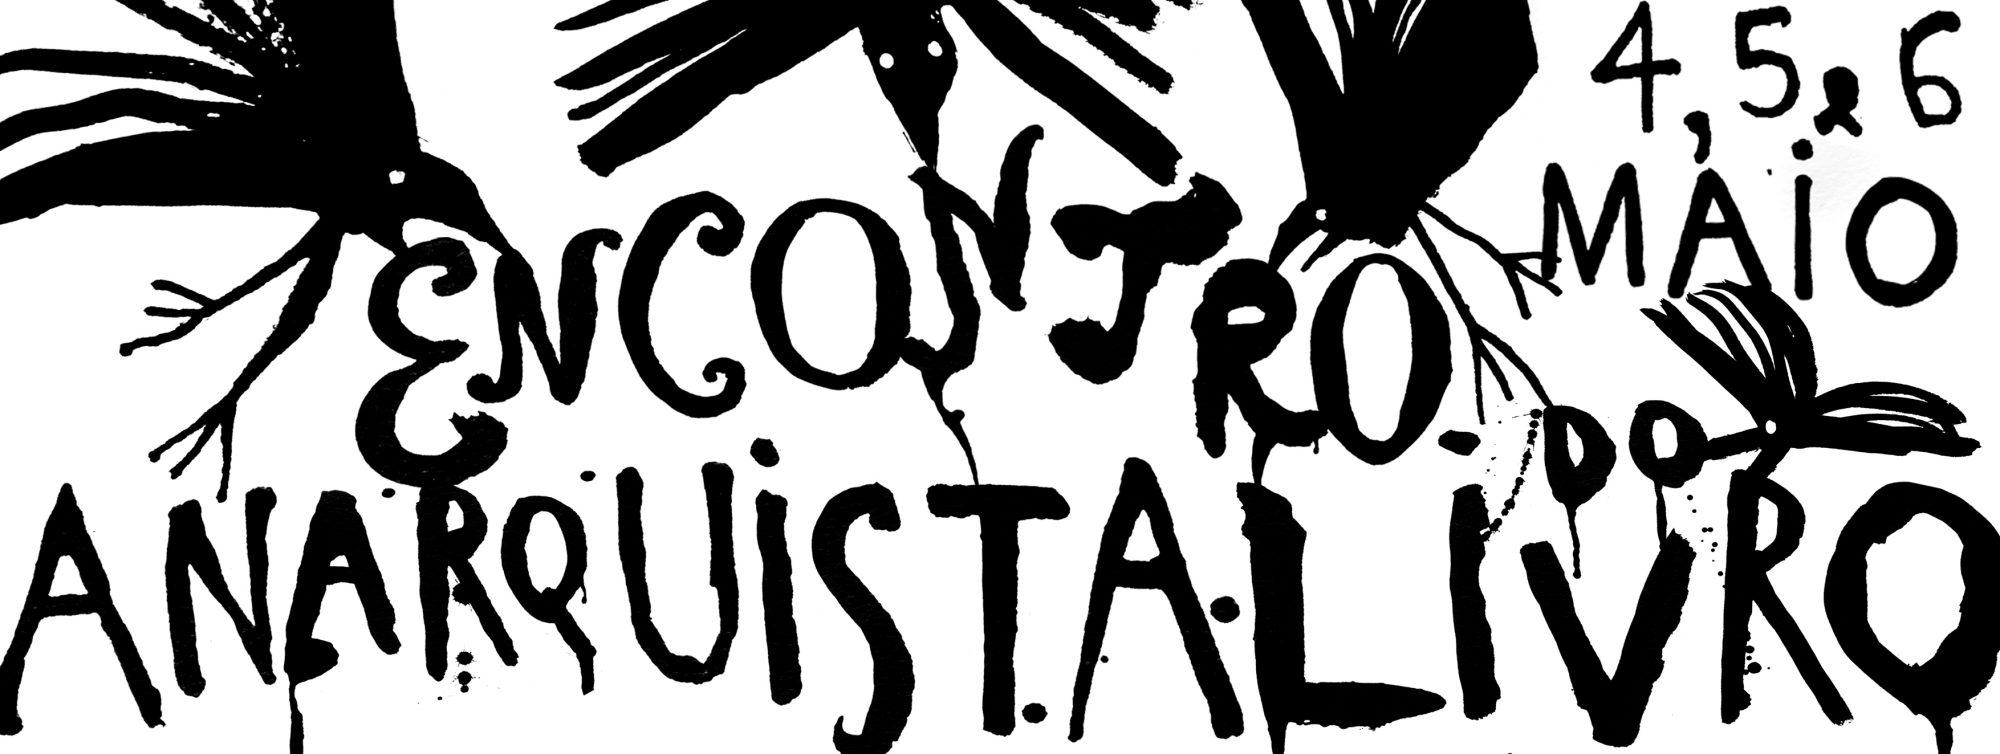 Encontro Anarquista do Livro | Porto